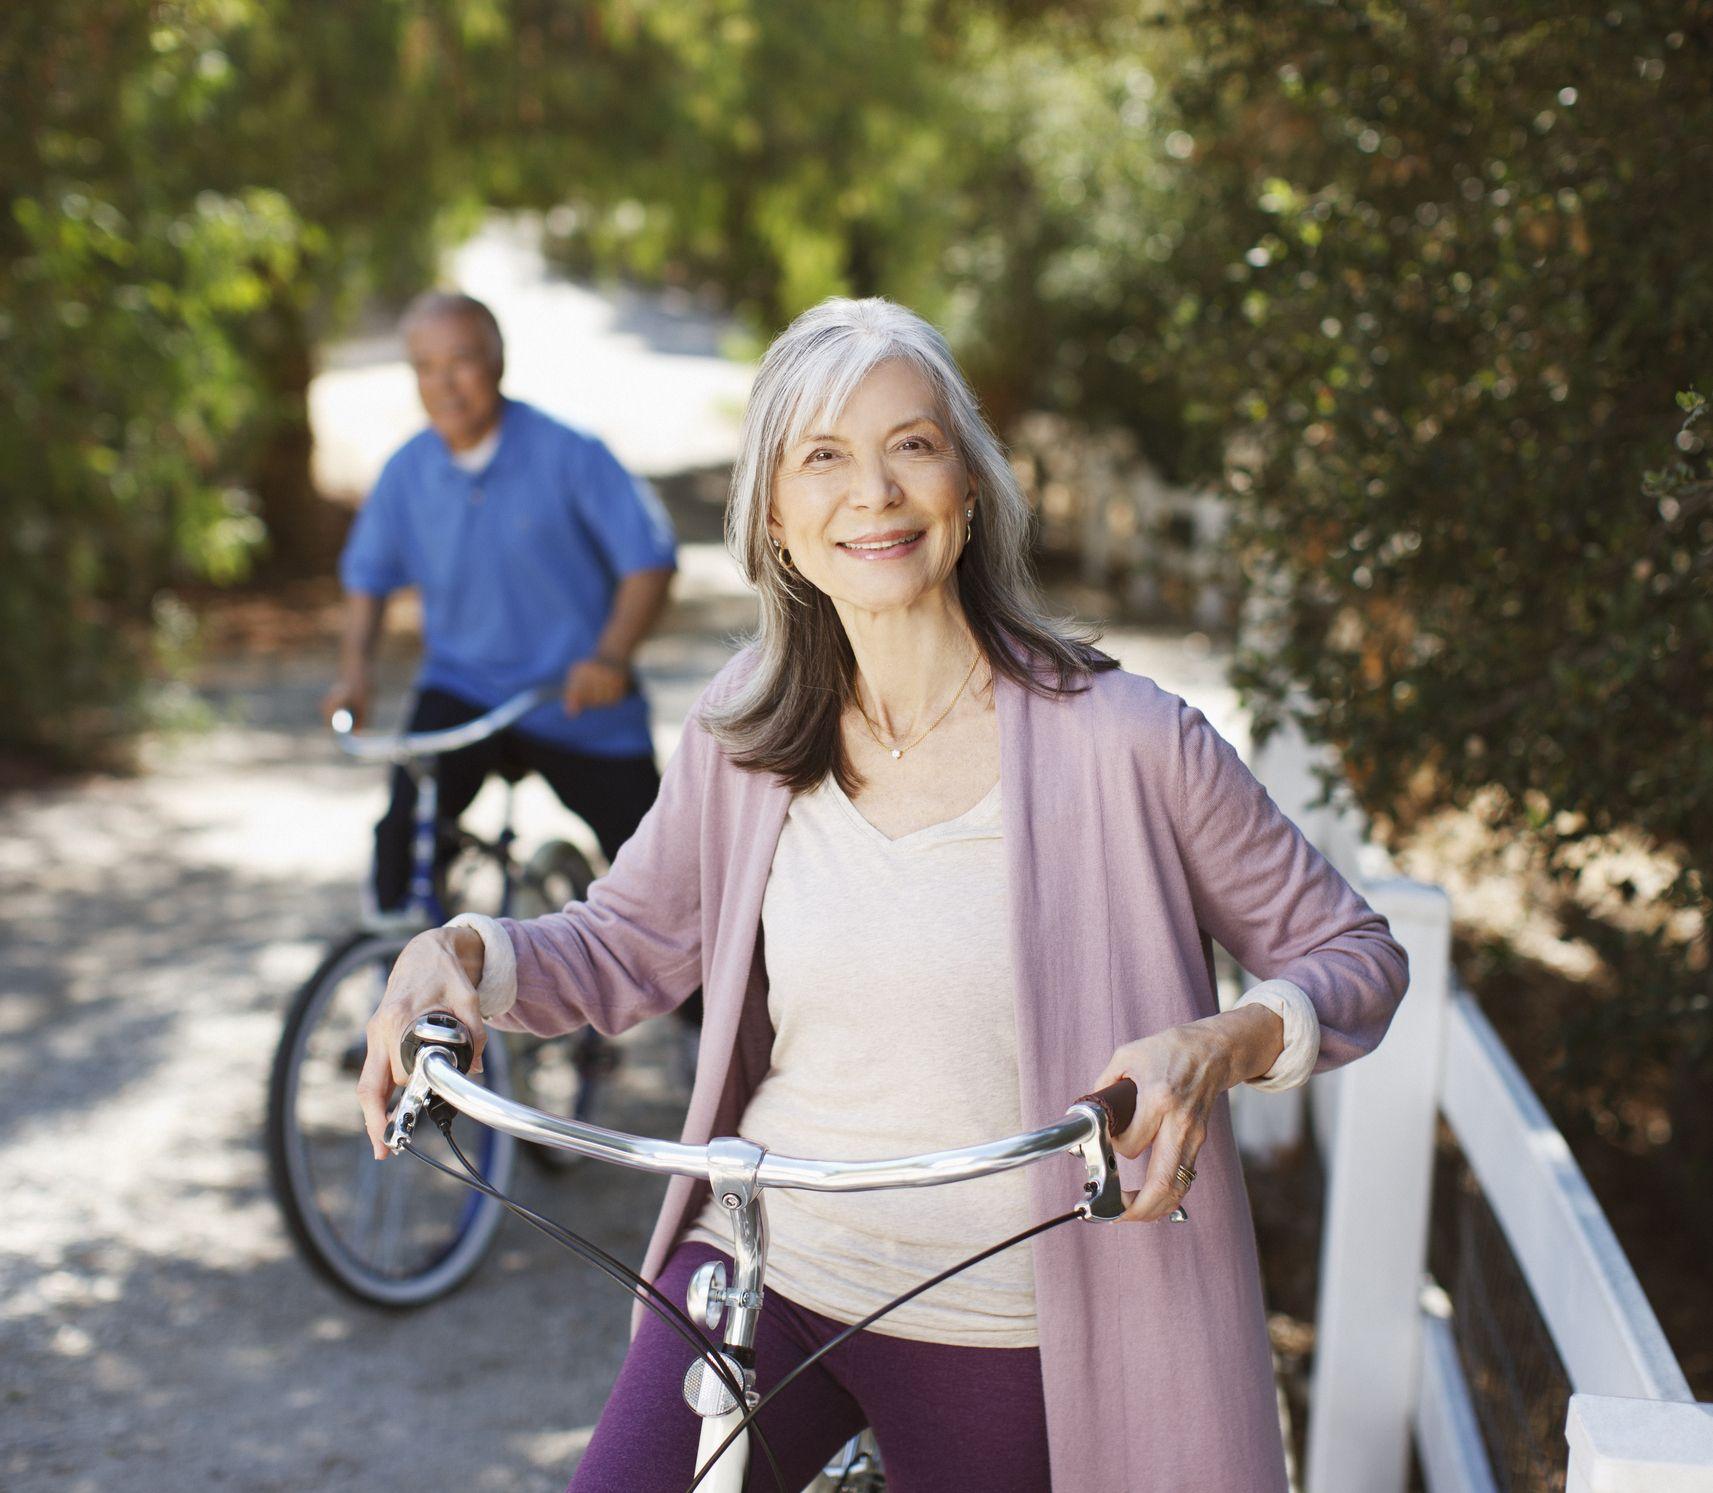 Bicykel je vhodný aj pre starších: Nepodceňujte však bezpečnosť na cestách